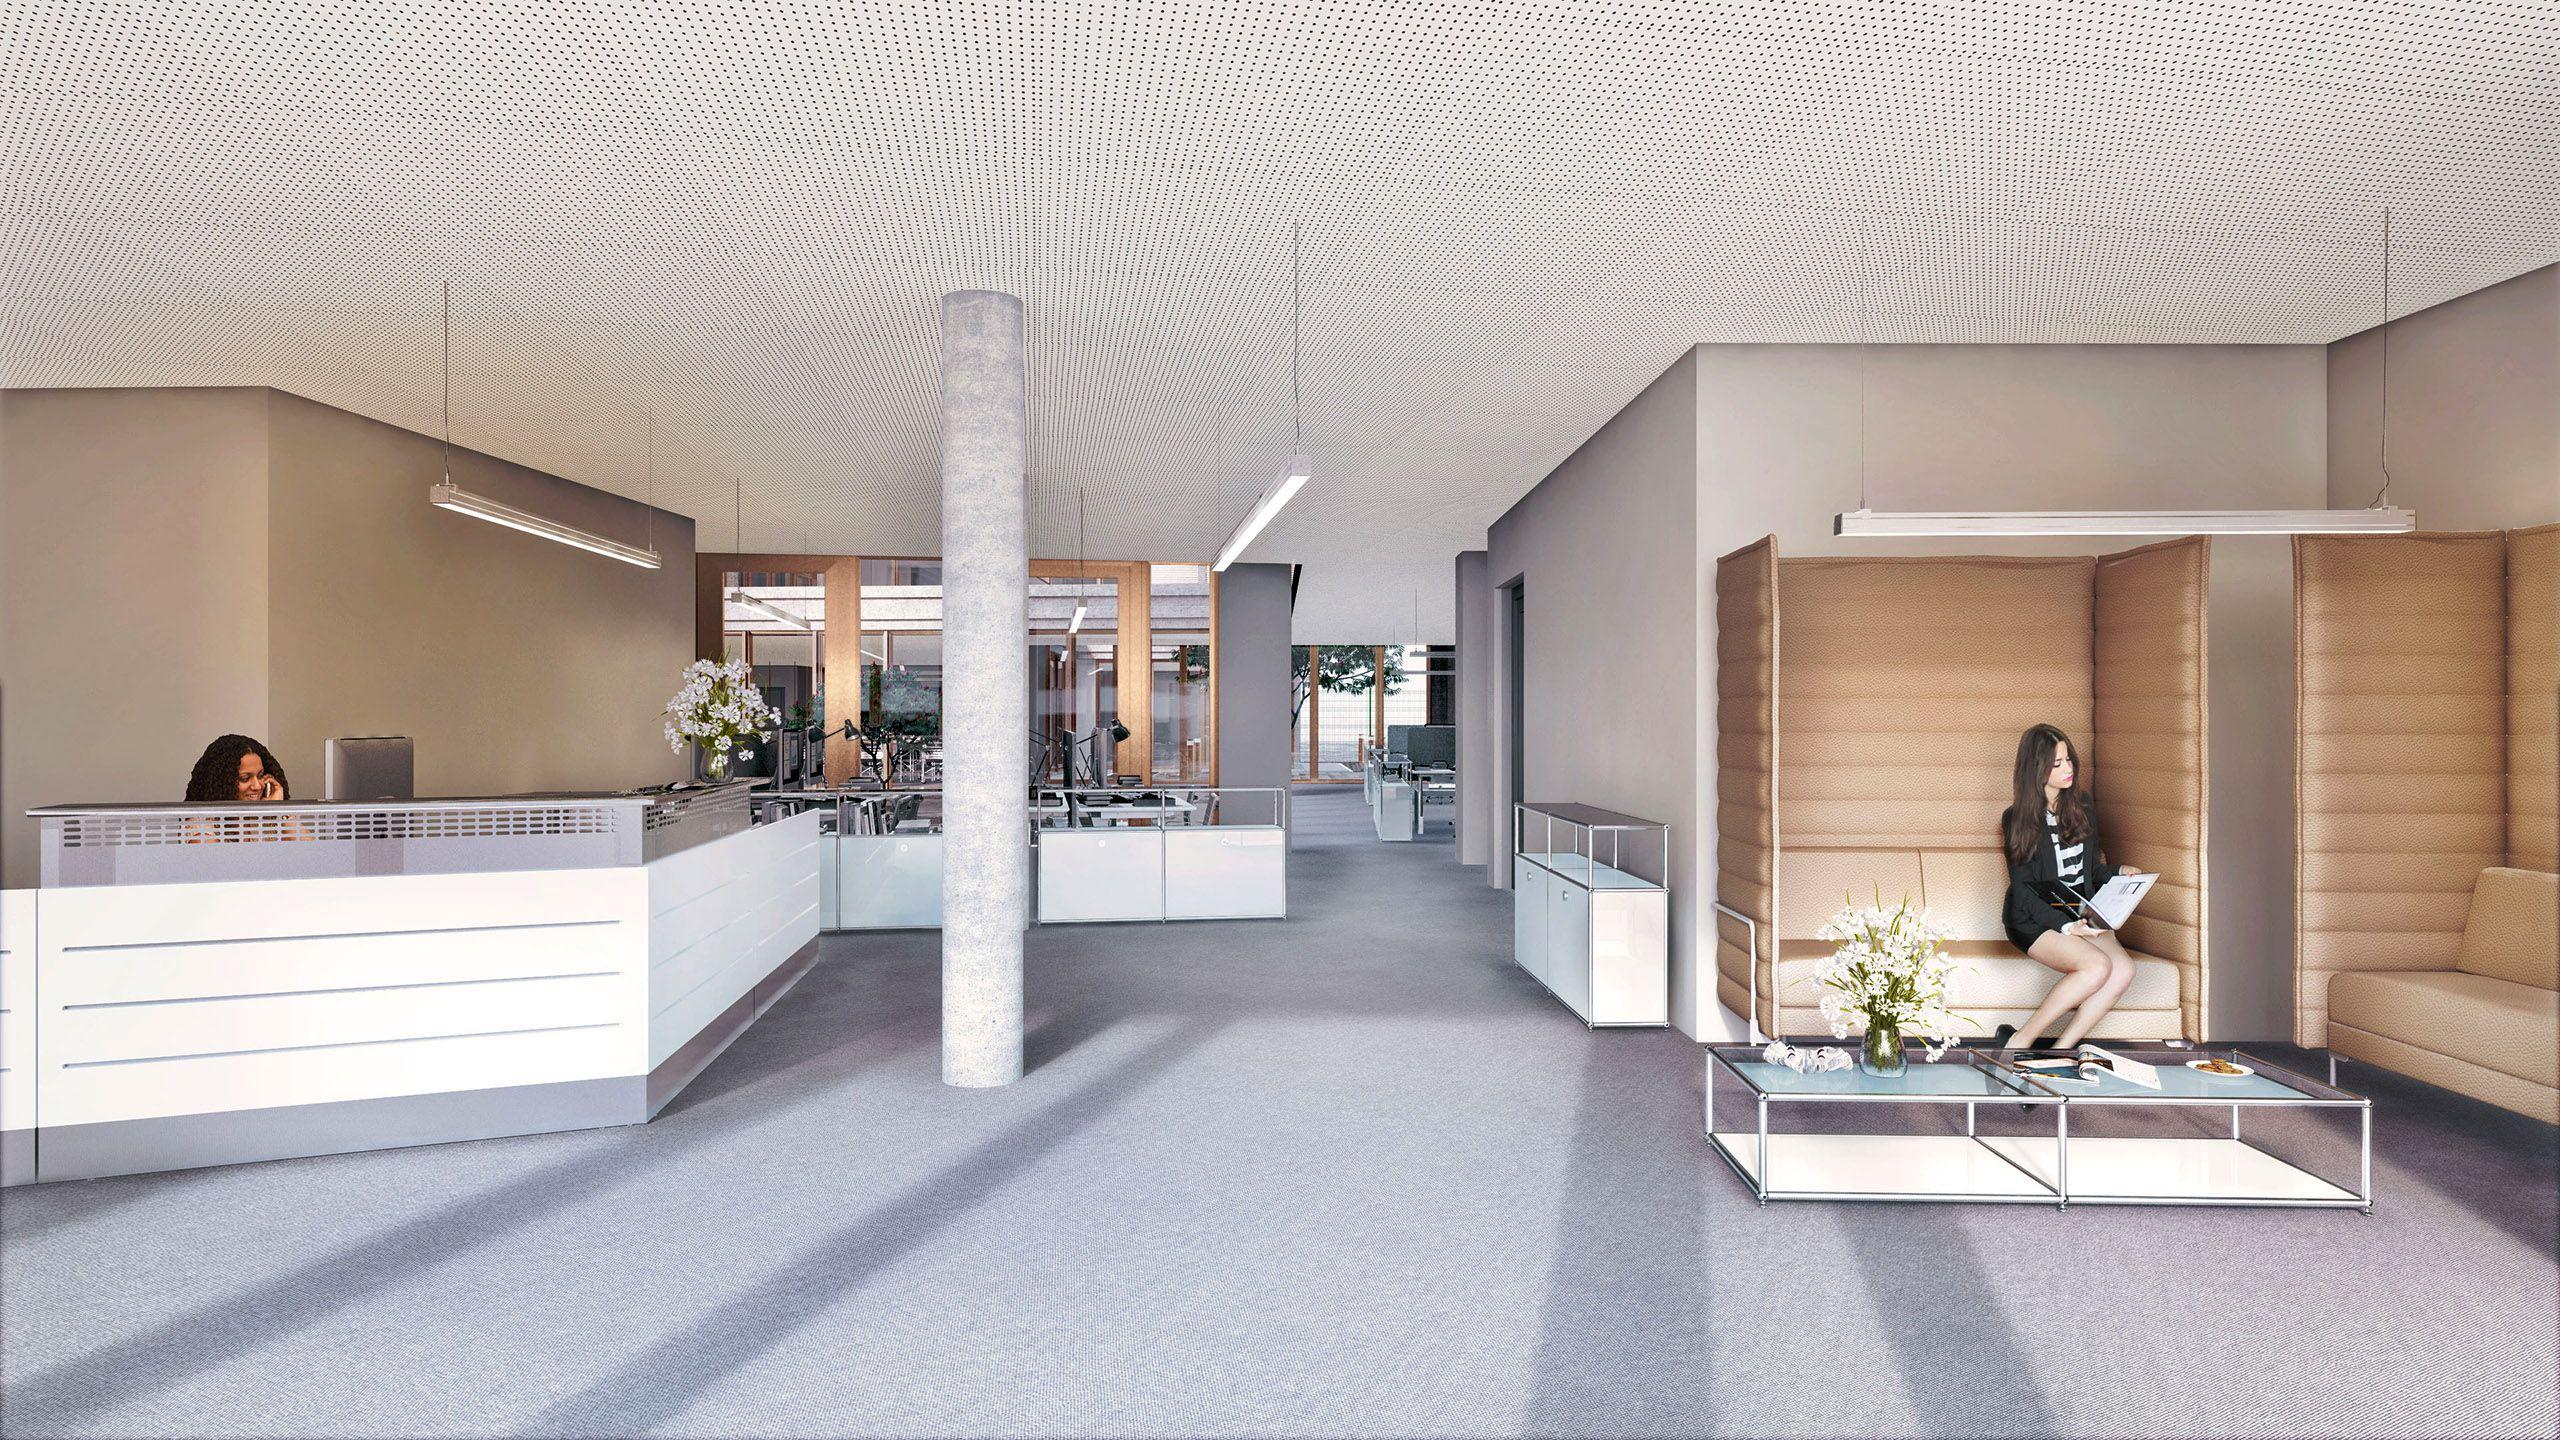 Architekturvisualisierung Berlin interior berlin invalidenstraße office lobby render